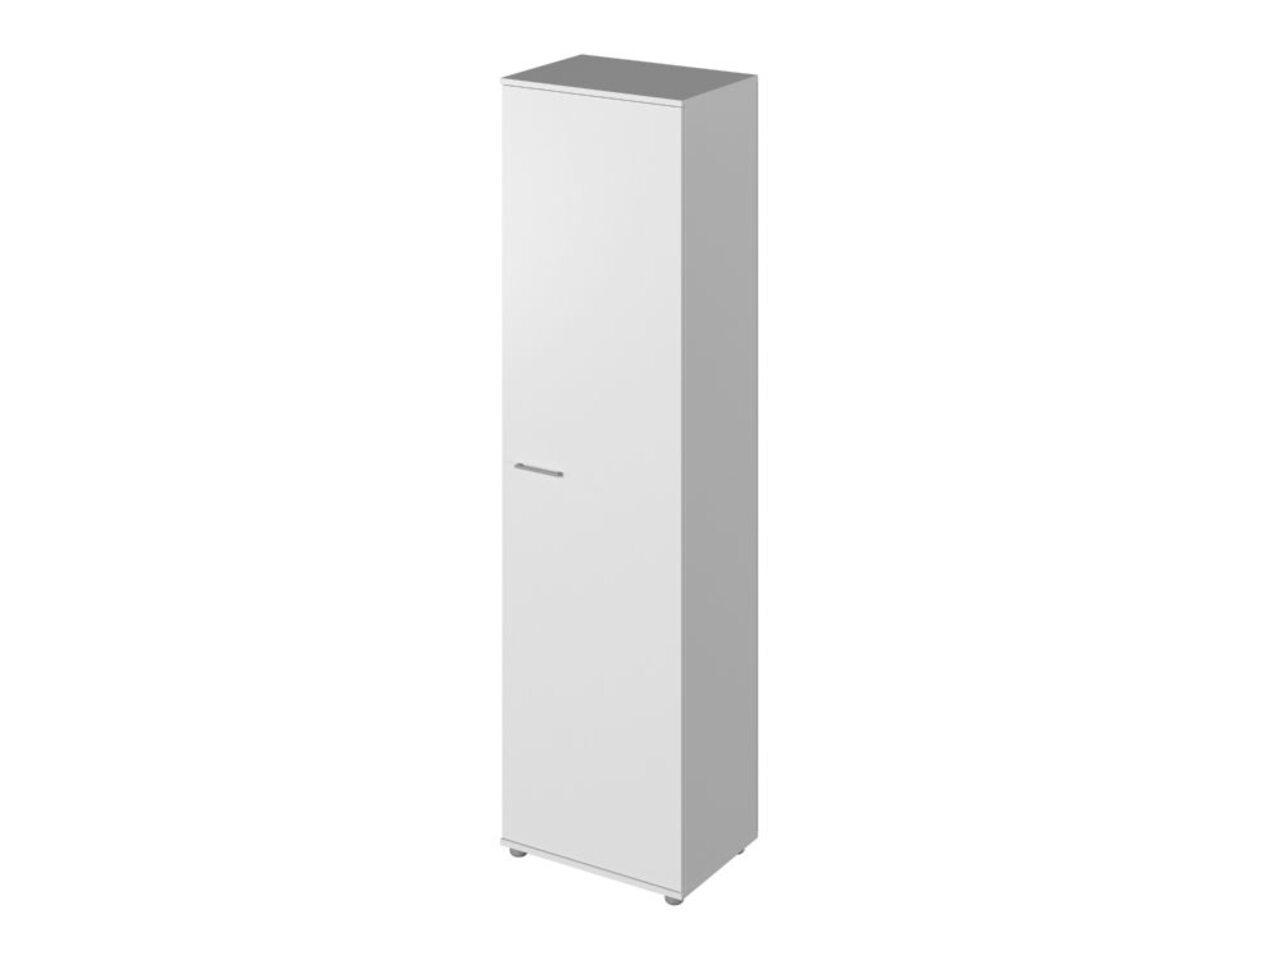 Шкаф для документов высокий узкий  Public Comfort 57x41x210 - фото 1